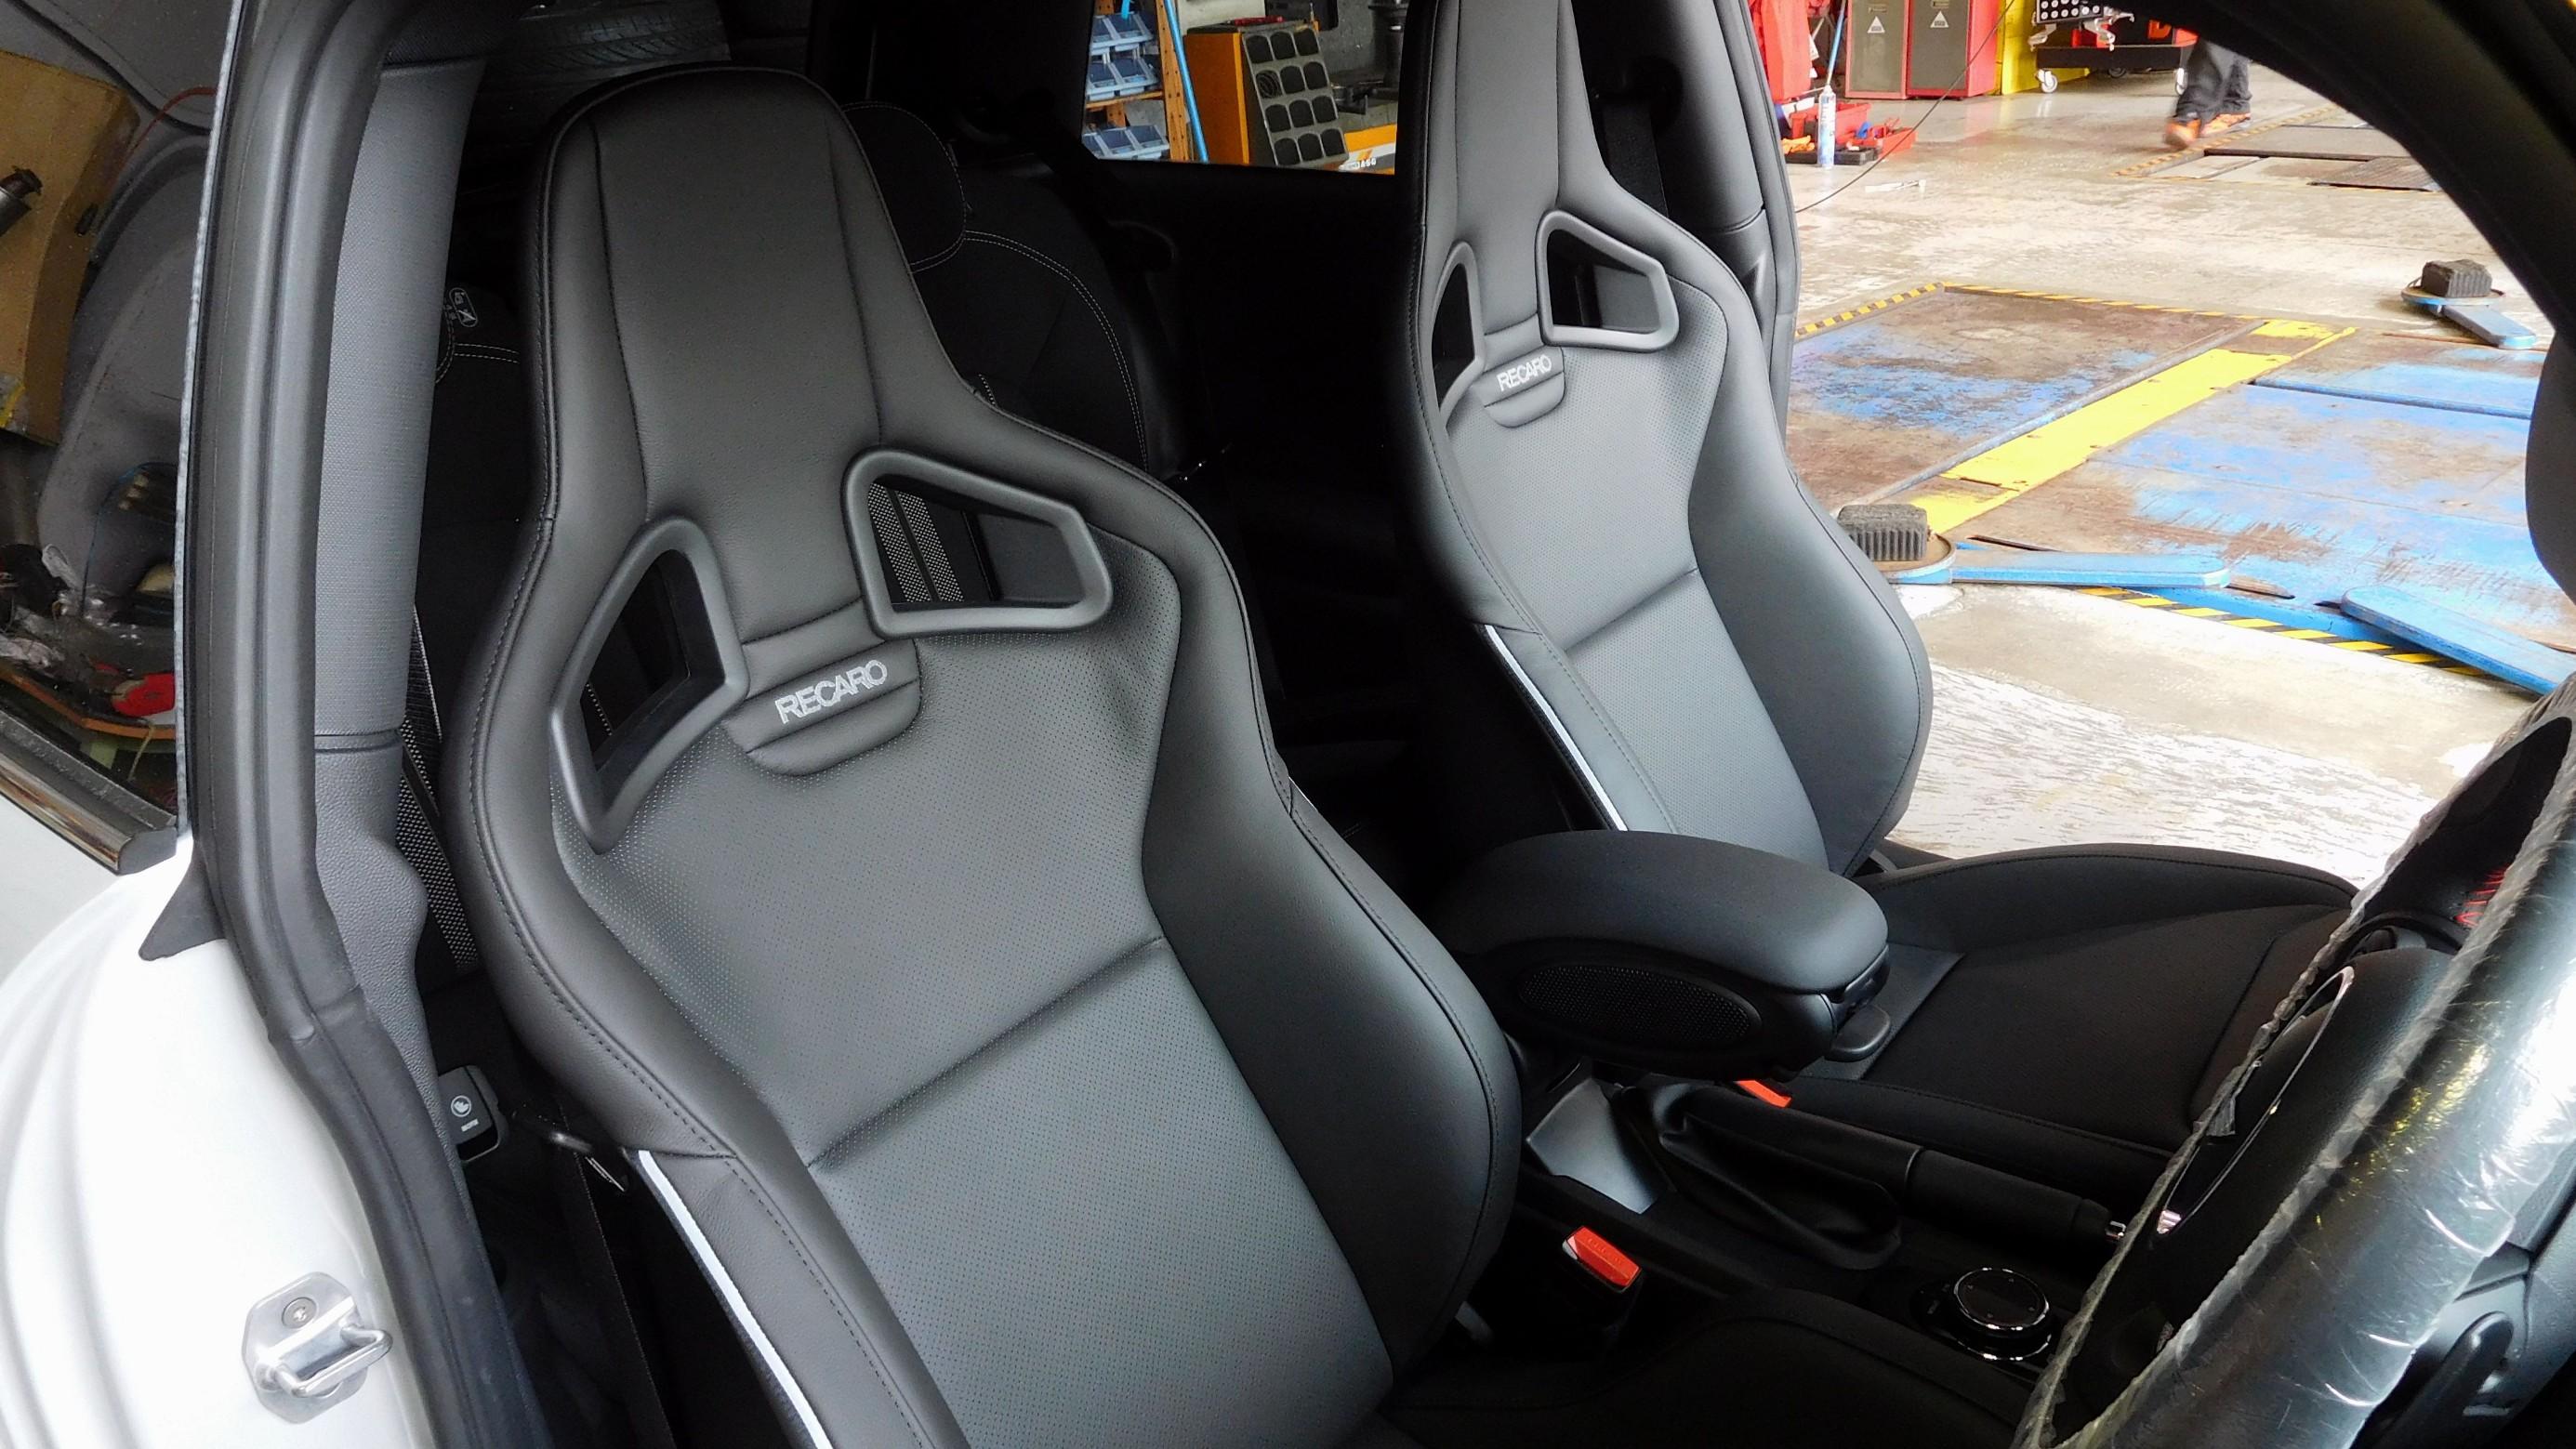 Mini Cooper Sportster >> MINI JOHN COOPER WORKS F56 のシート交換作業 / RECARO(レカロ)Sportster(スポーツスター) | ミニ インテリア インテリア > ステアリング ...